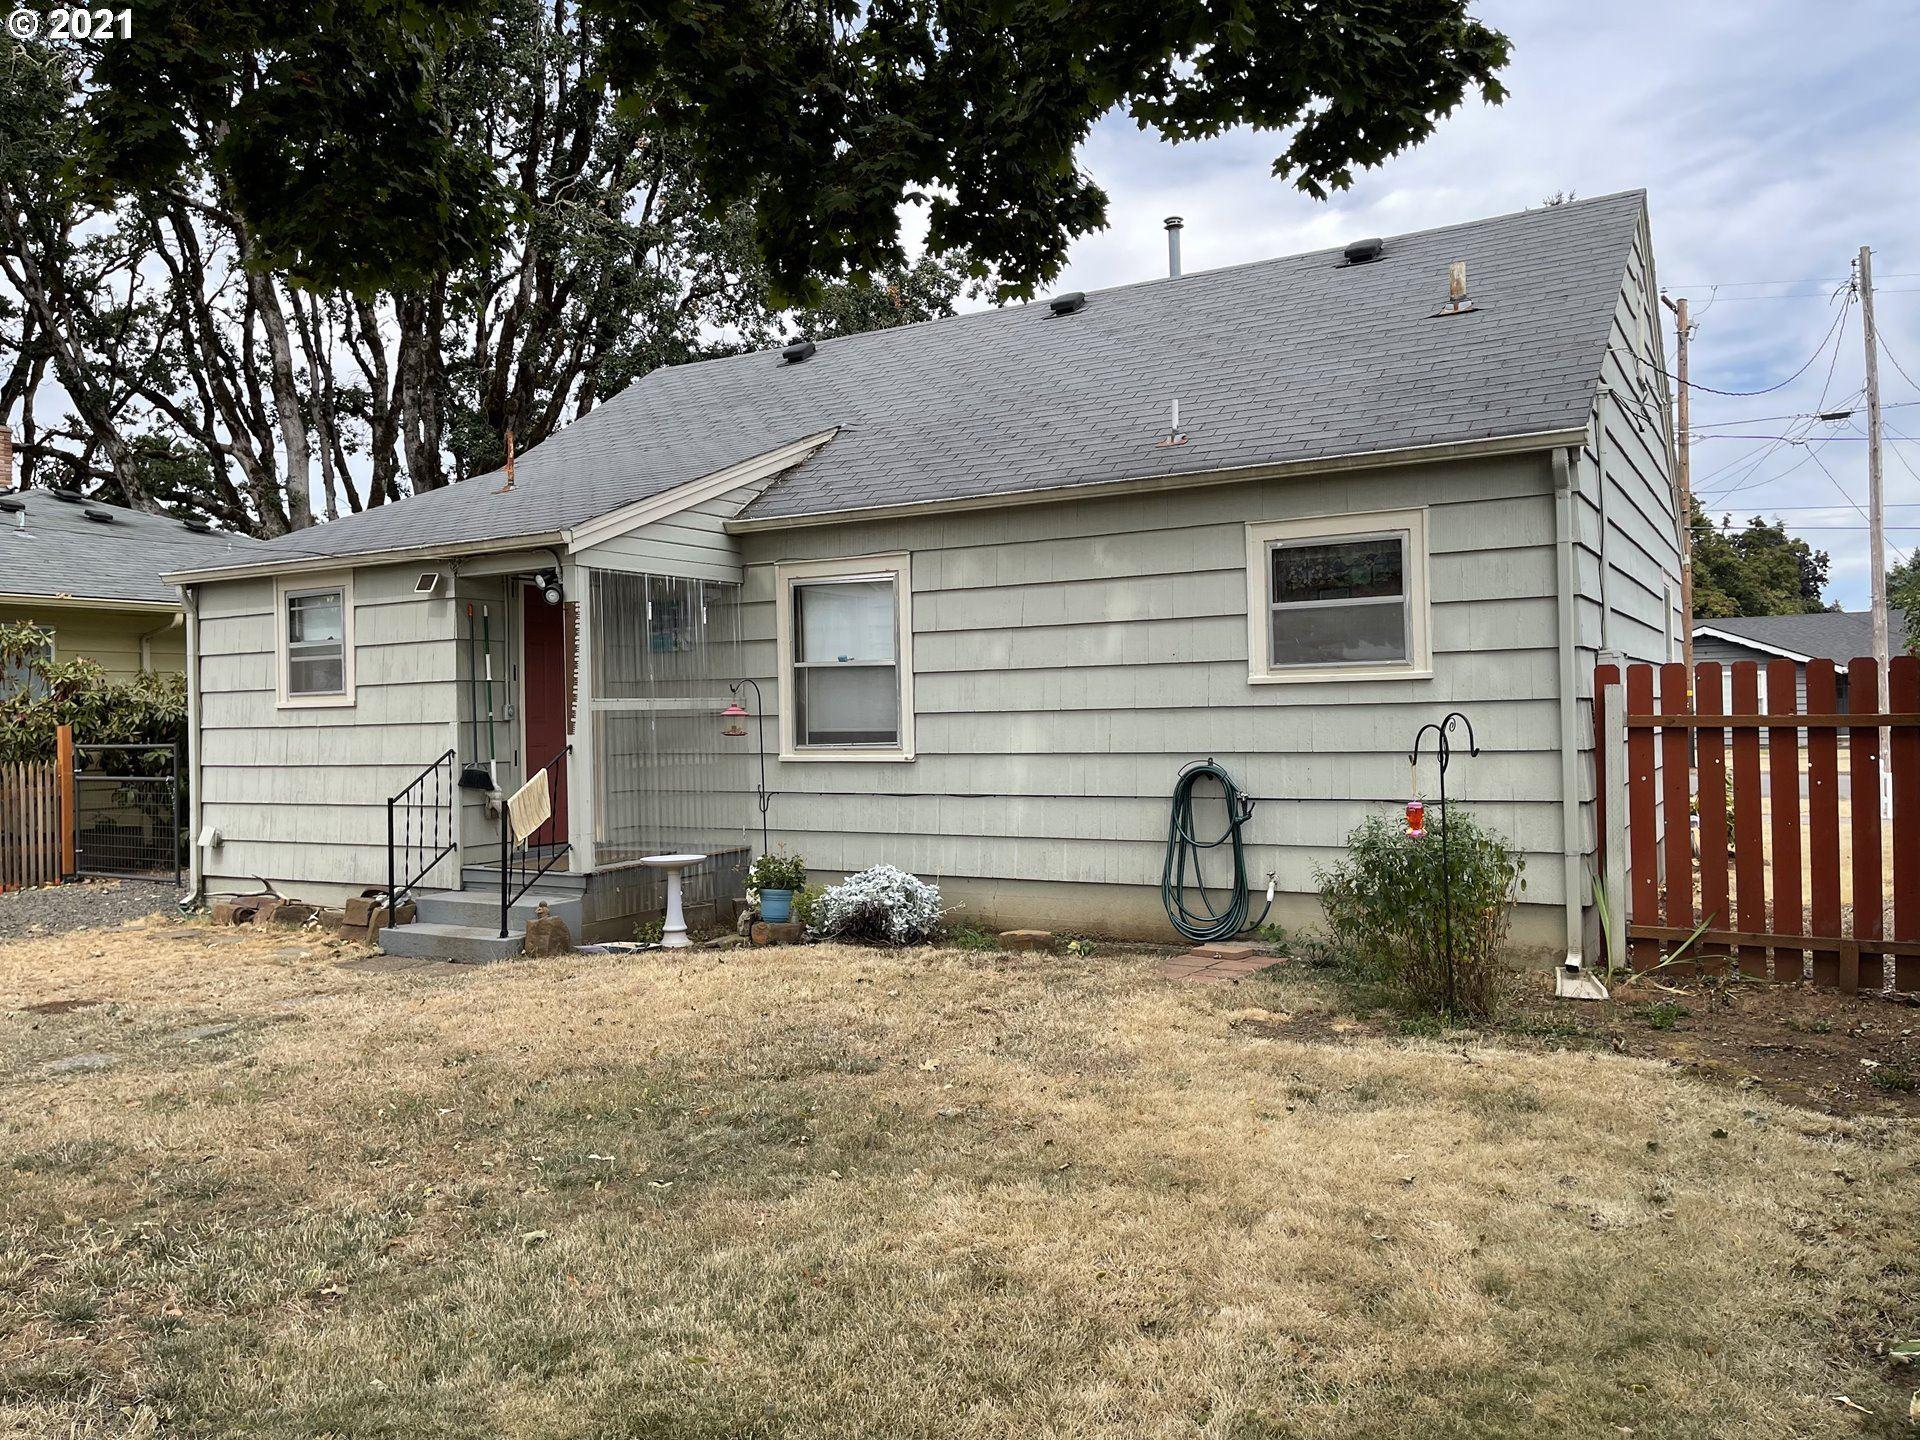 Photo of 375 SW MILL ST DALLAS OR 97, Dallas, OR 97338 (MLS # 21079701)